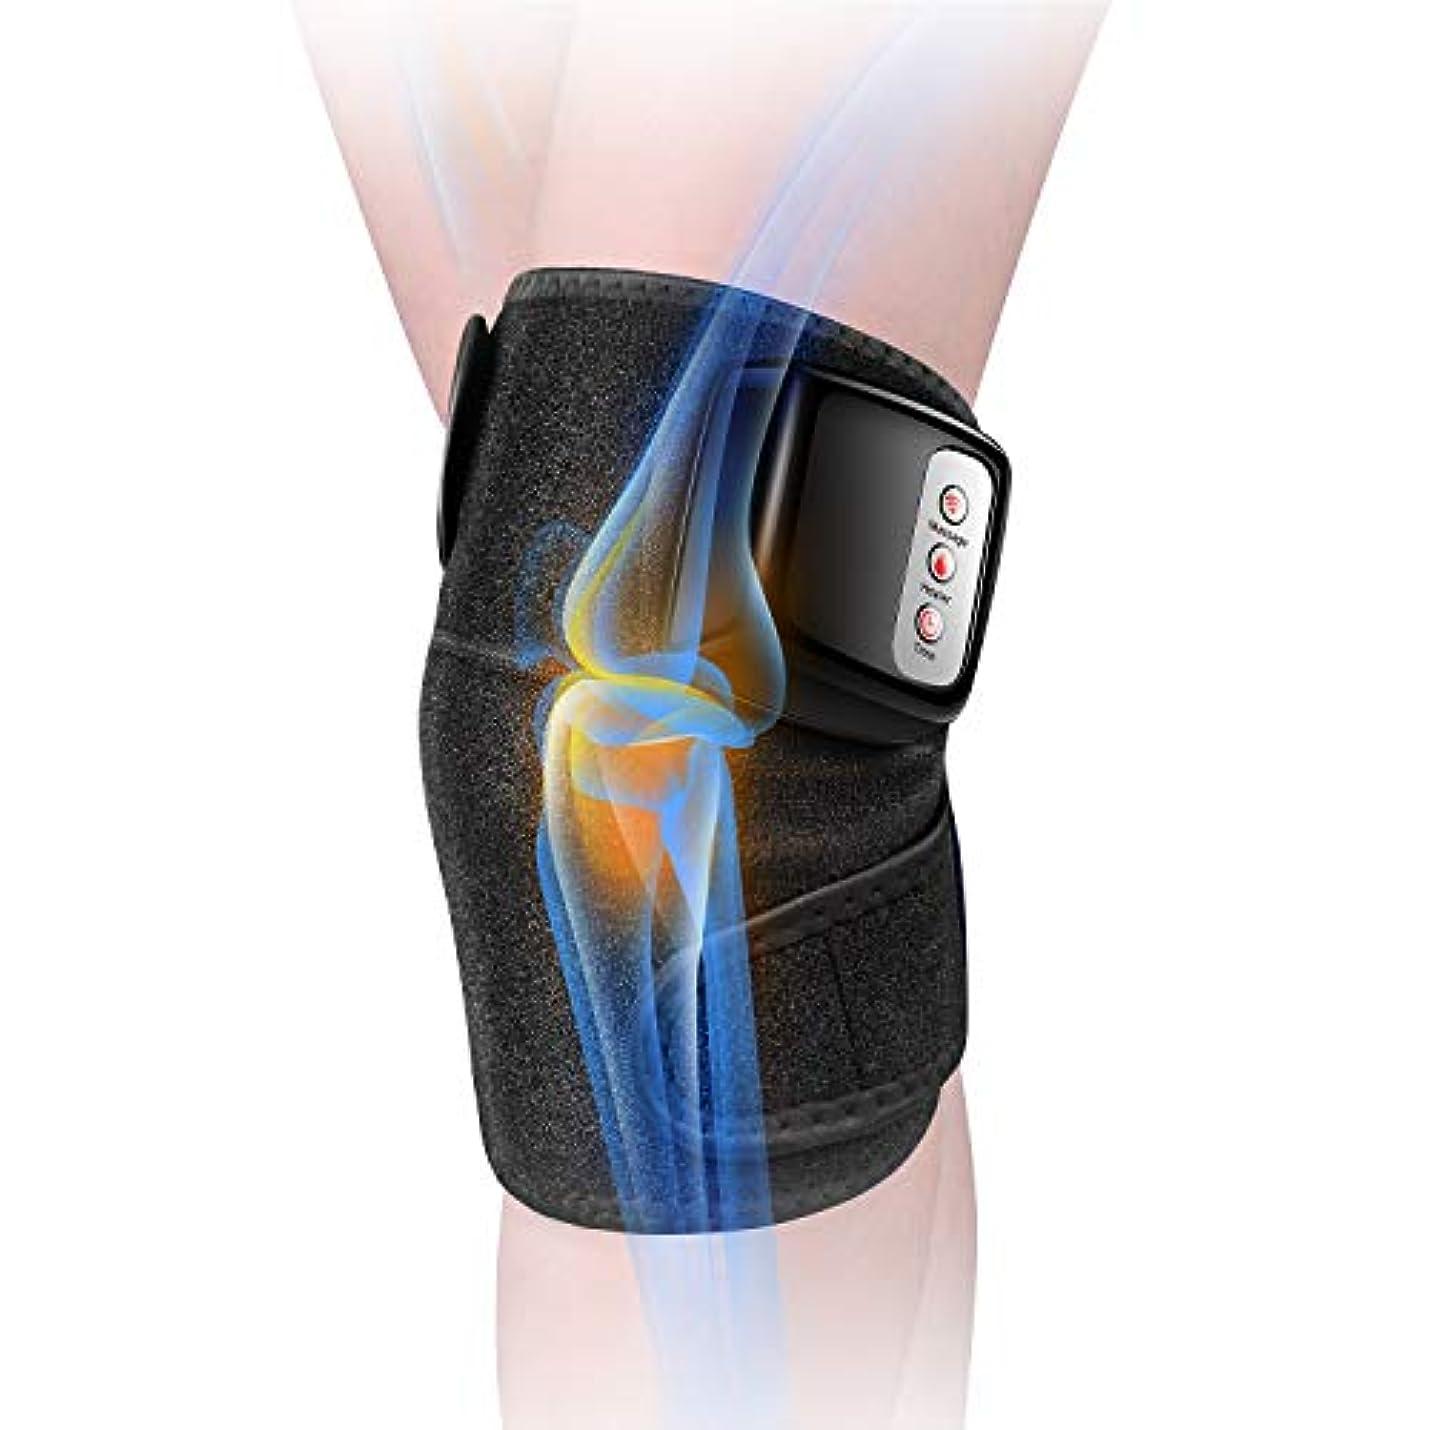 経済受賞食堂膝マッサージャー 関節マッサージャー マッサージ器 フットマッサージャー 振動 赤外線療法 温熱療法 膝サポーター ストレス解消 肩 太もも/腕対応